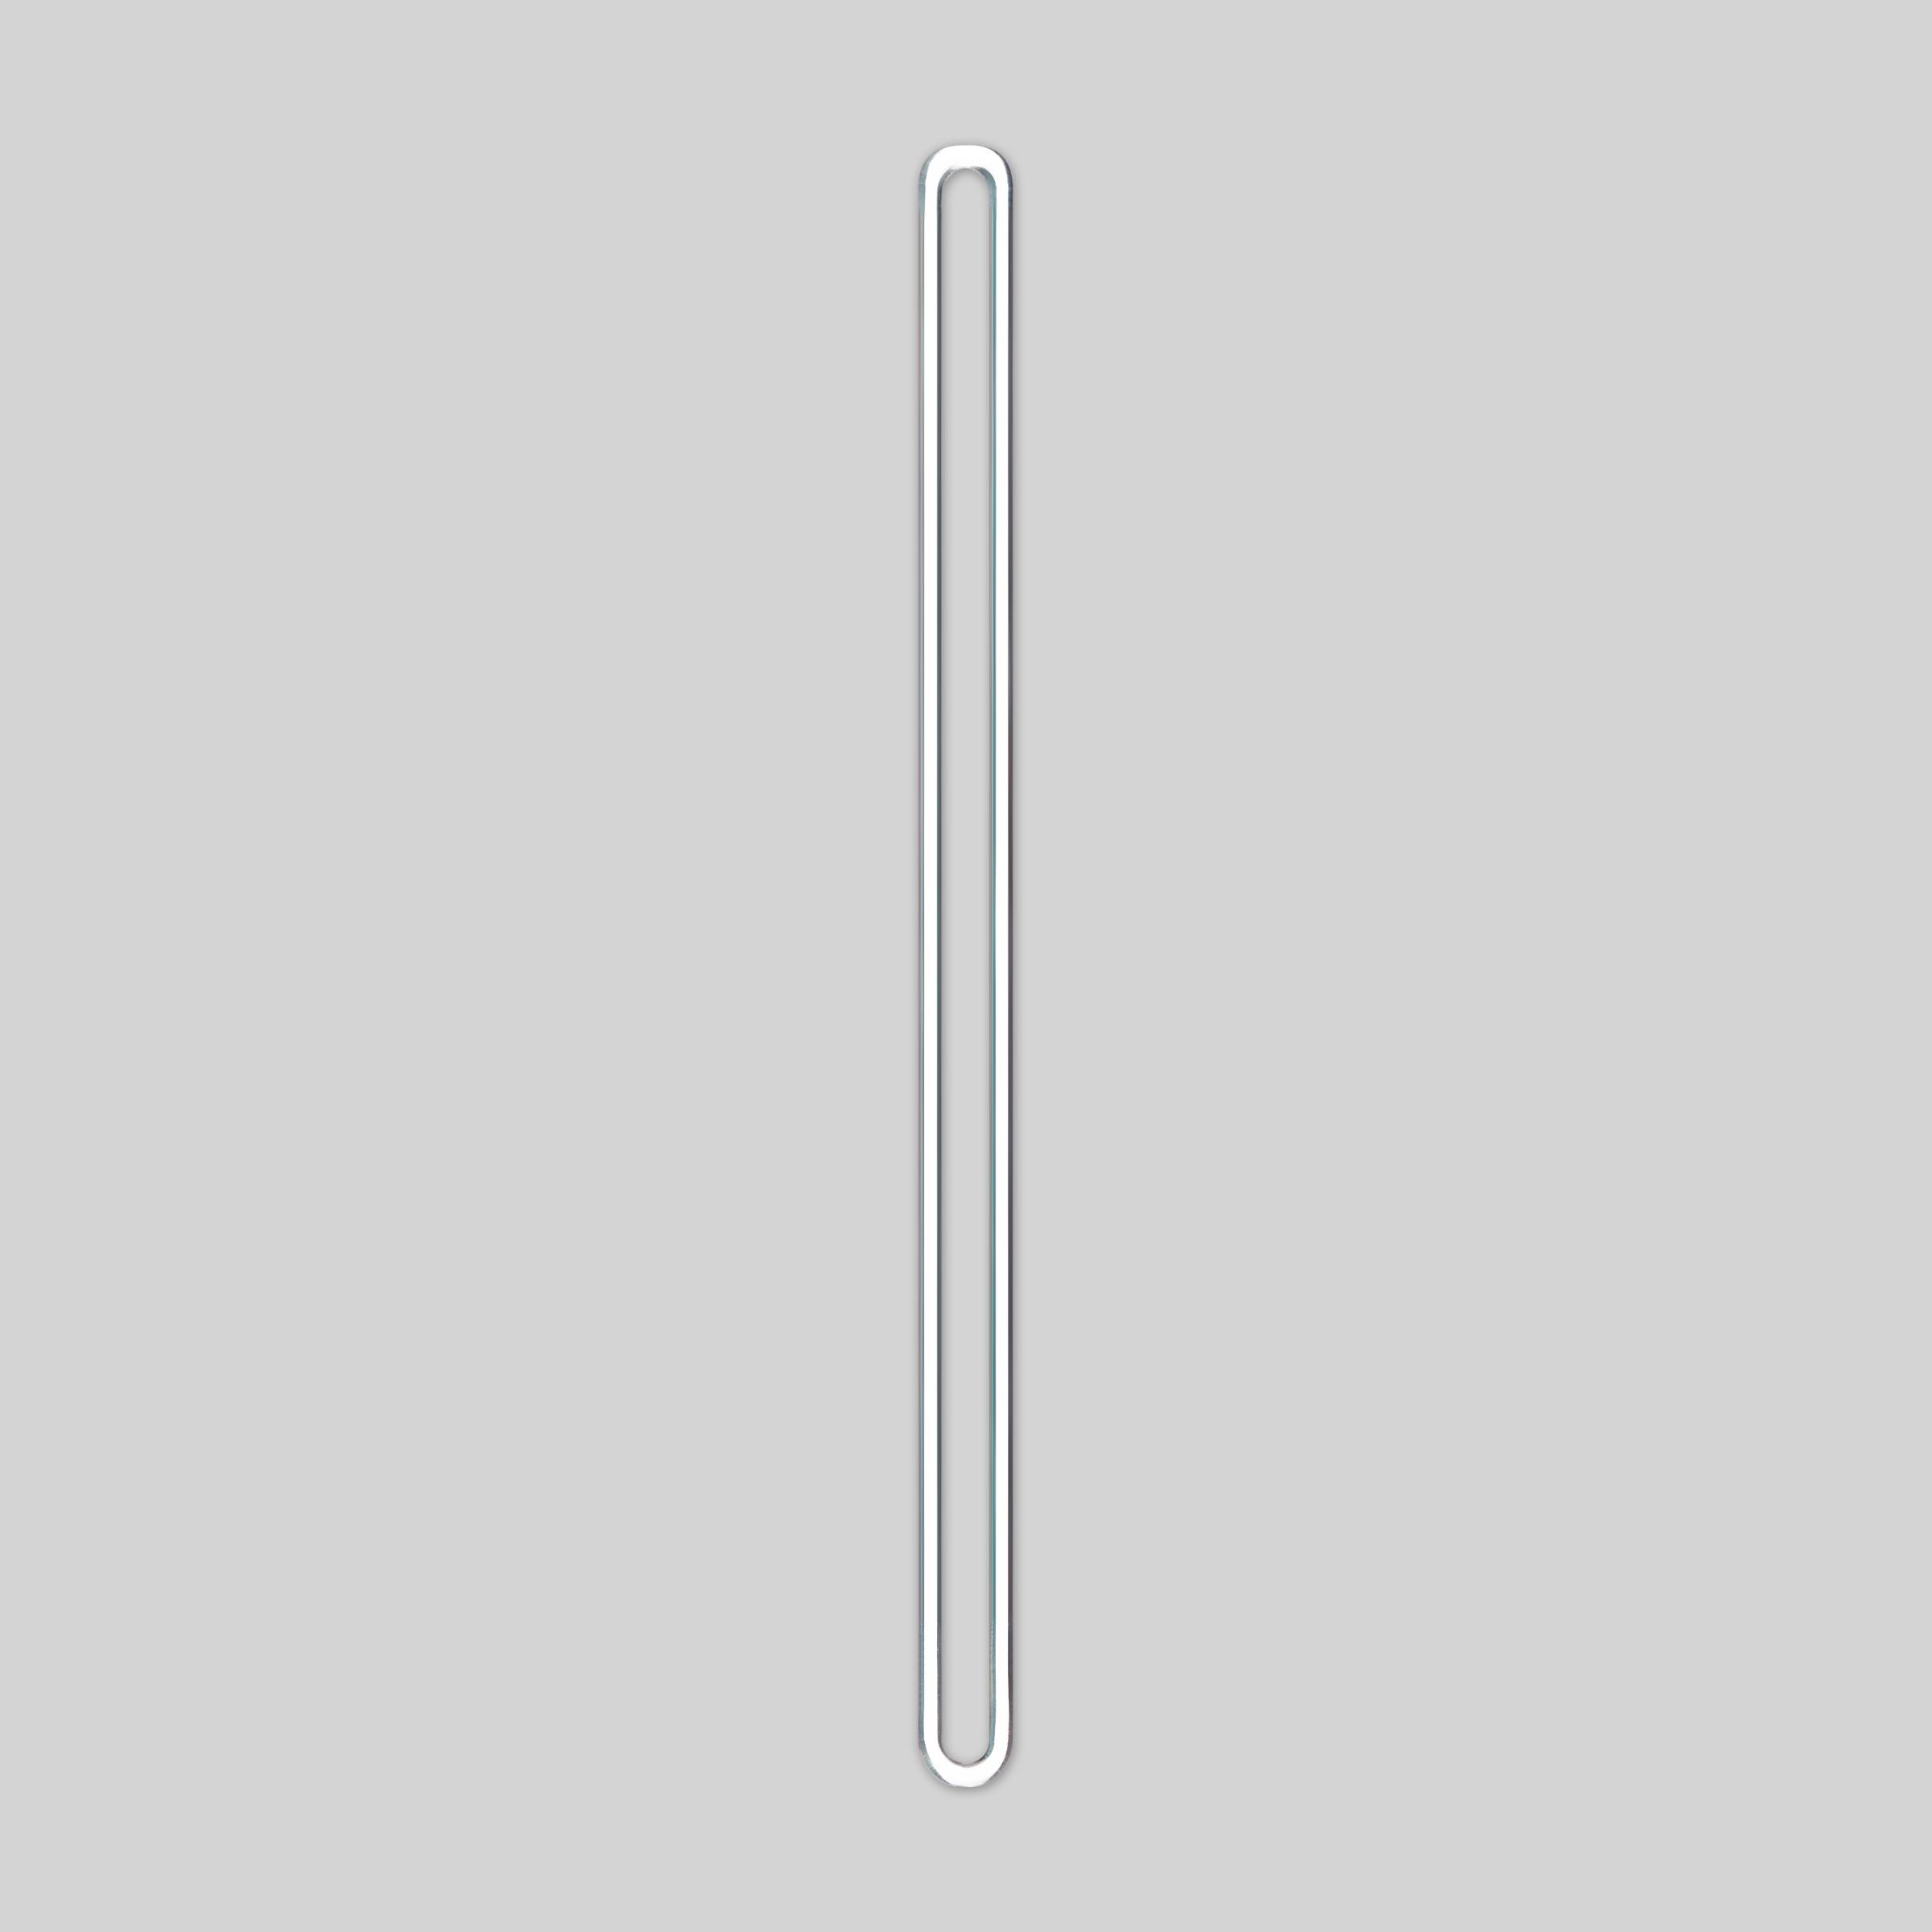 1148_LOOP_gray_v2